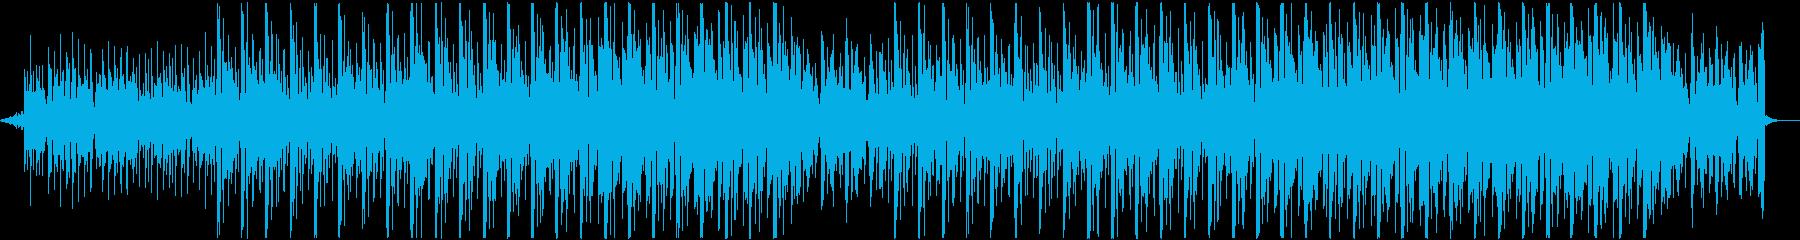 CM!無機質&クールな近未来テクスチャーの再生済みの波形